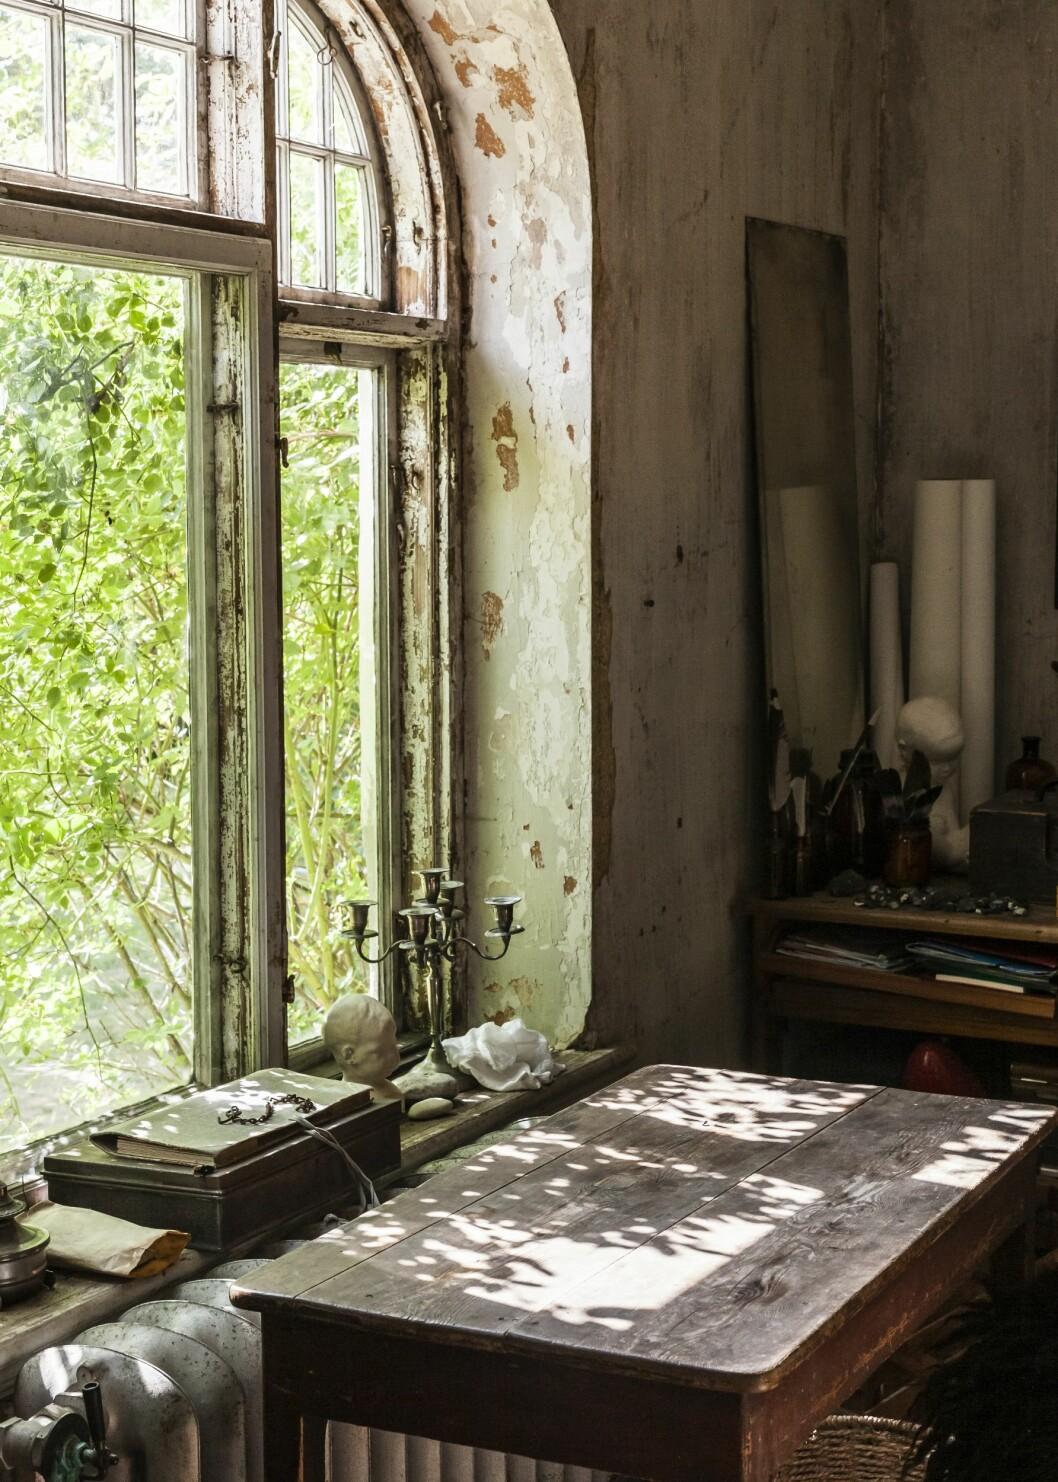 Vackert ljusinsläpp i huset med äkta patina på Österlen.